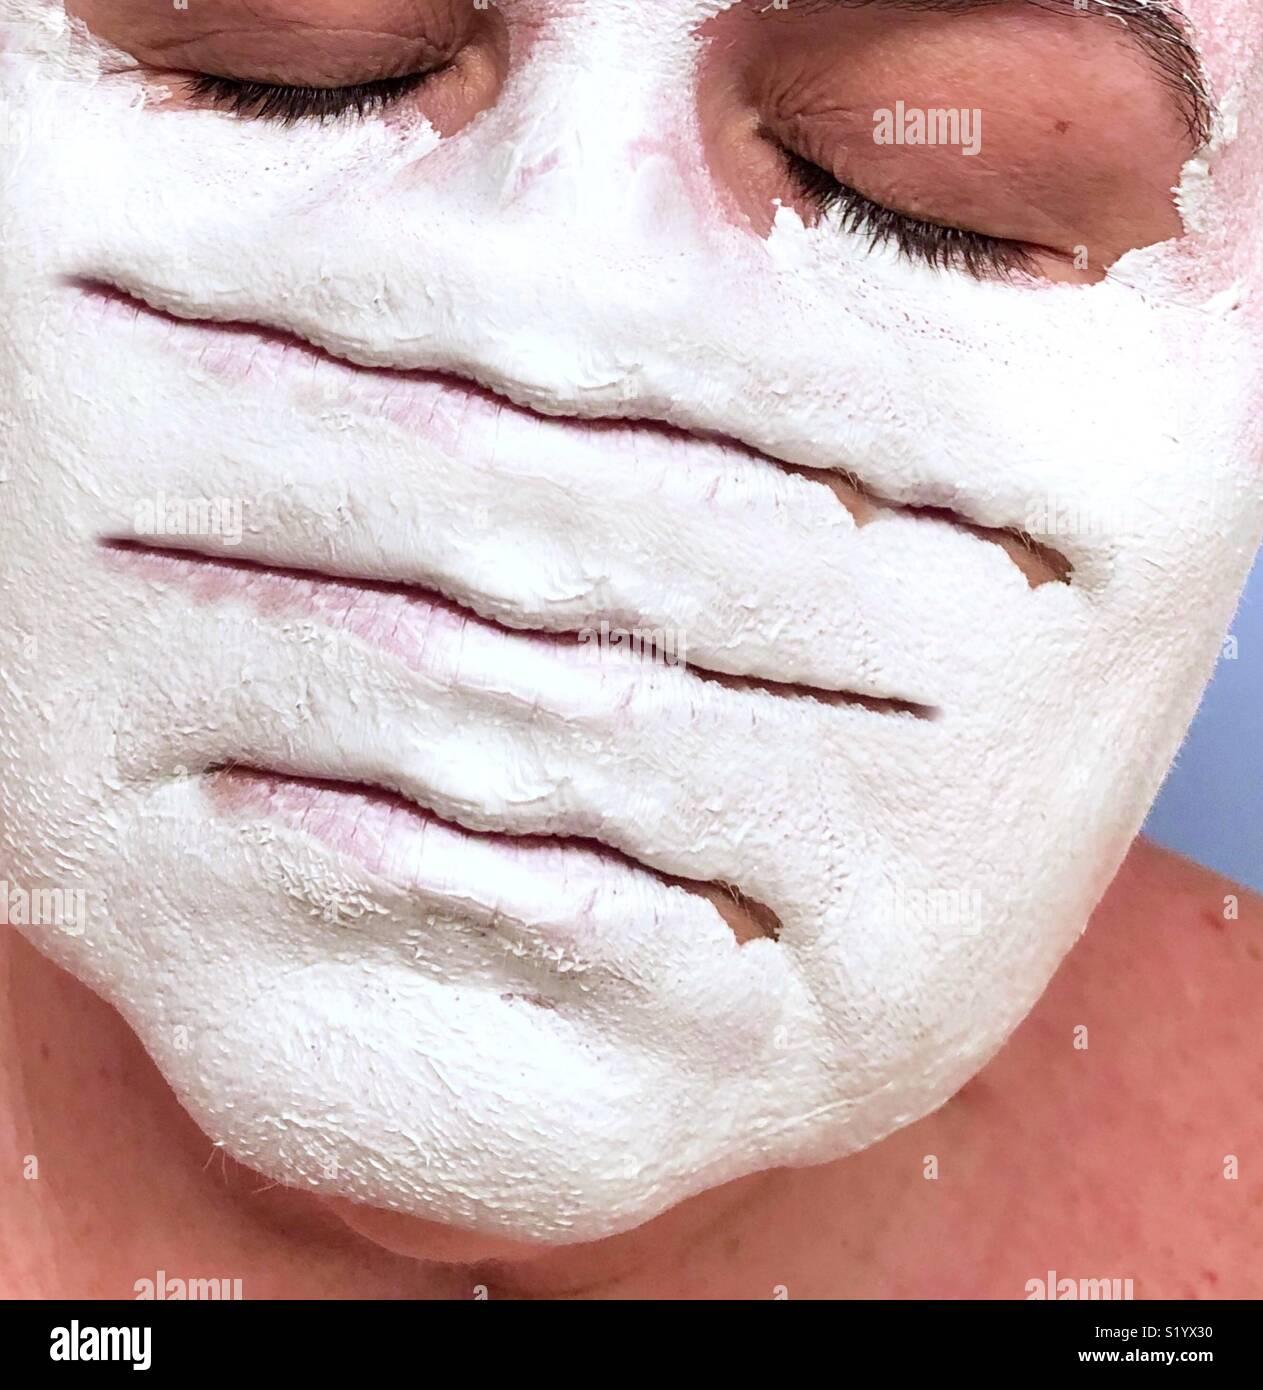 Una obra conceptual abstracto de una mujer con los ojos cerrados llevaba una máscara de barro de arcilla blanca con tres conjuntos de labios Imagen De Stock